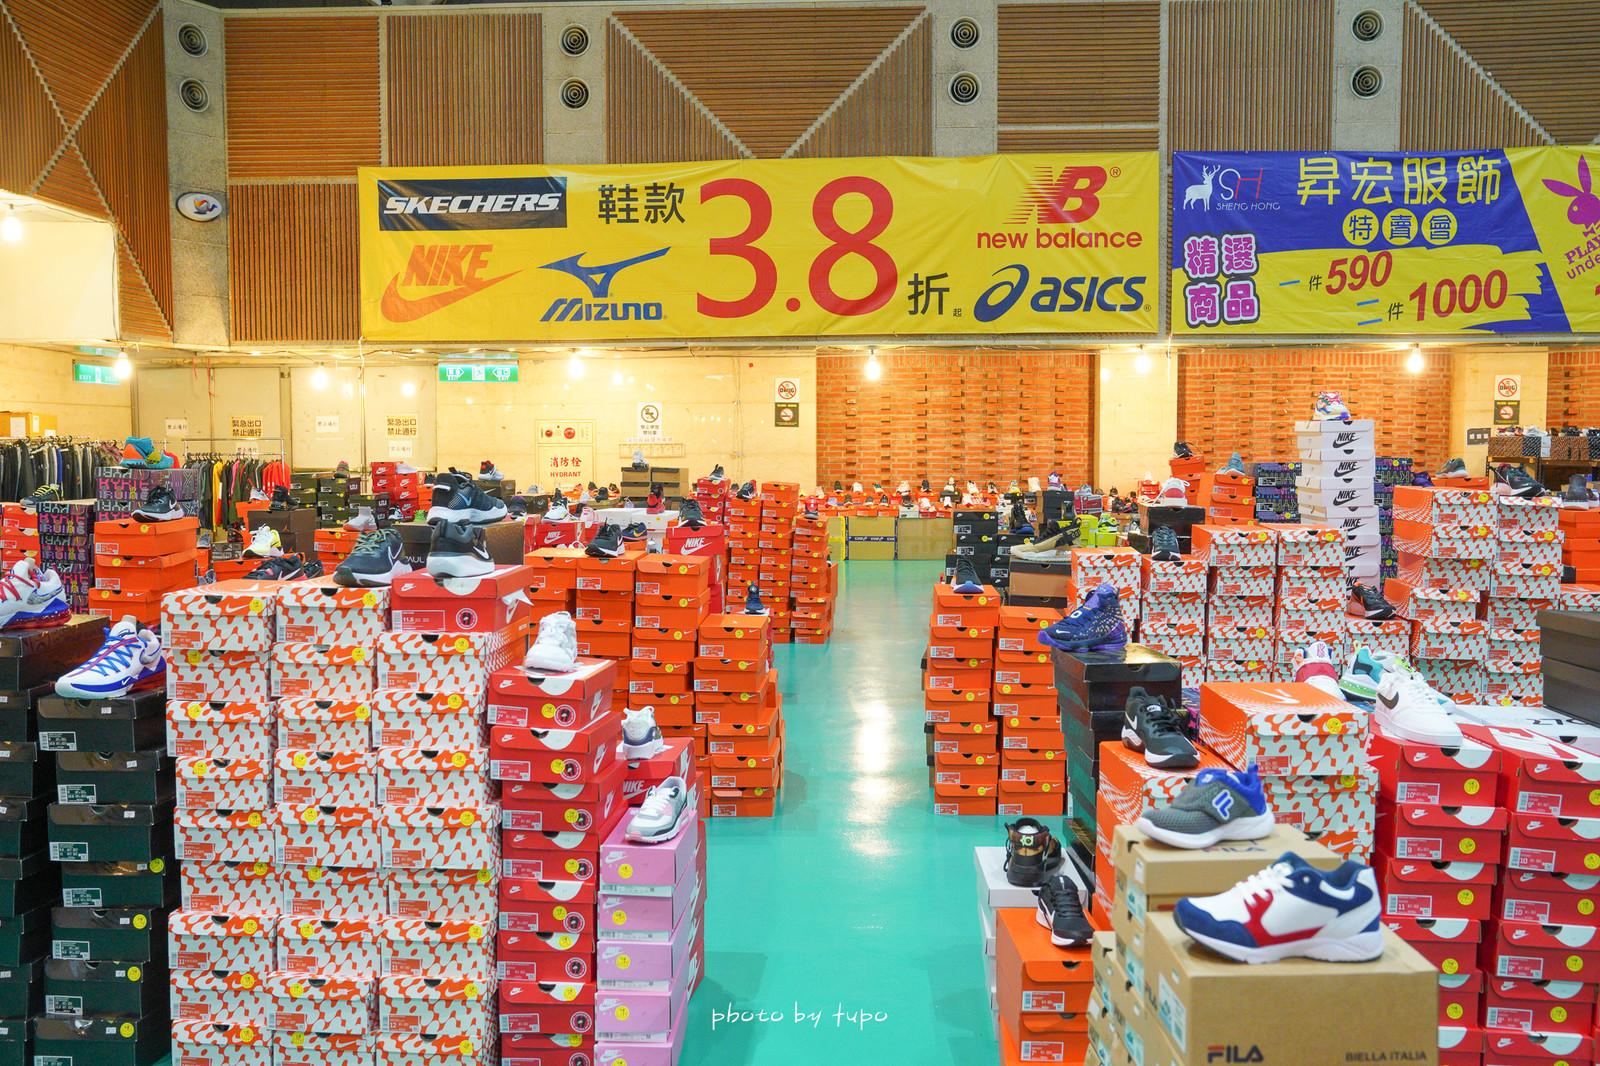 只有十天,台北最強的專櫃廠慶‼ TOKUYO按摩椅.昇恆昌免稅店.國際專櫃保養品彩妝.大小家電.運動鞋款.華歌爾.迪士尼童裝.異國零食通通都有~